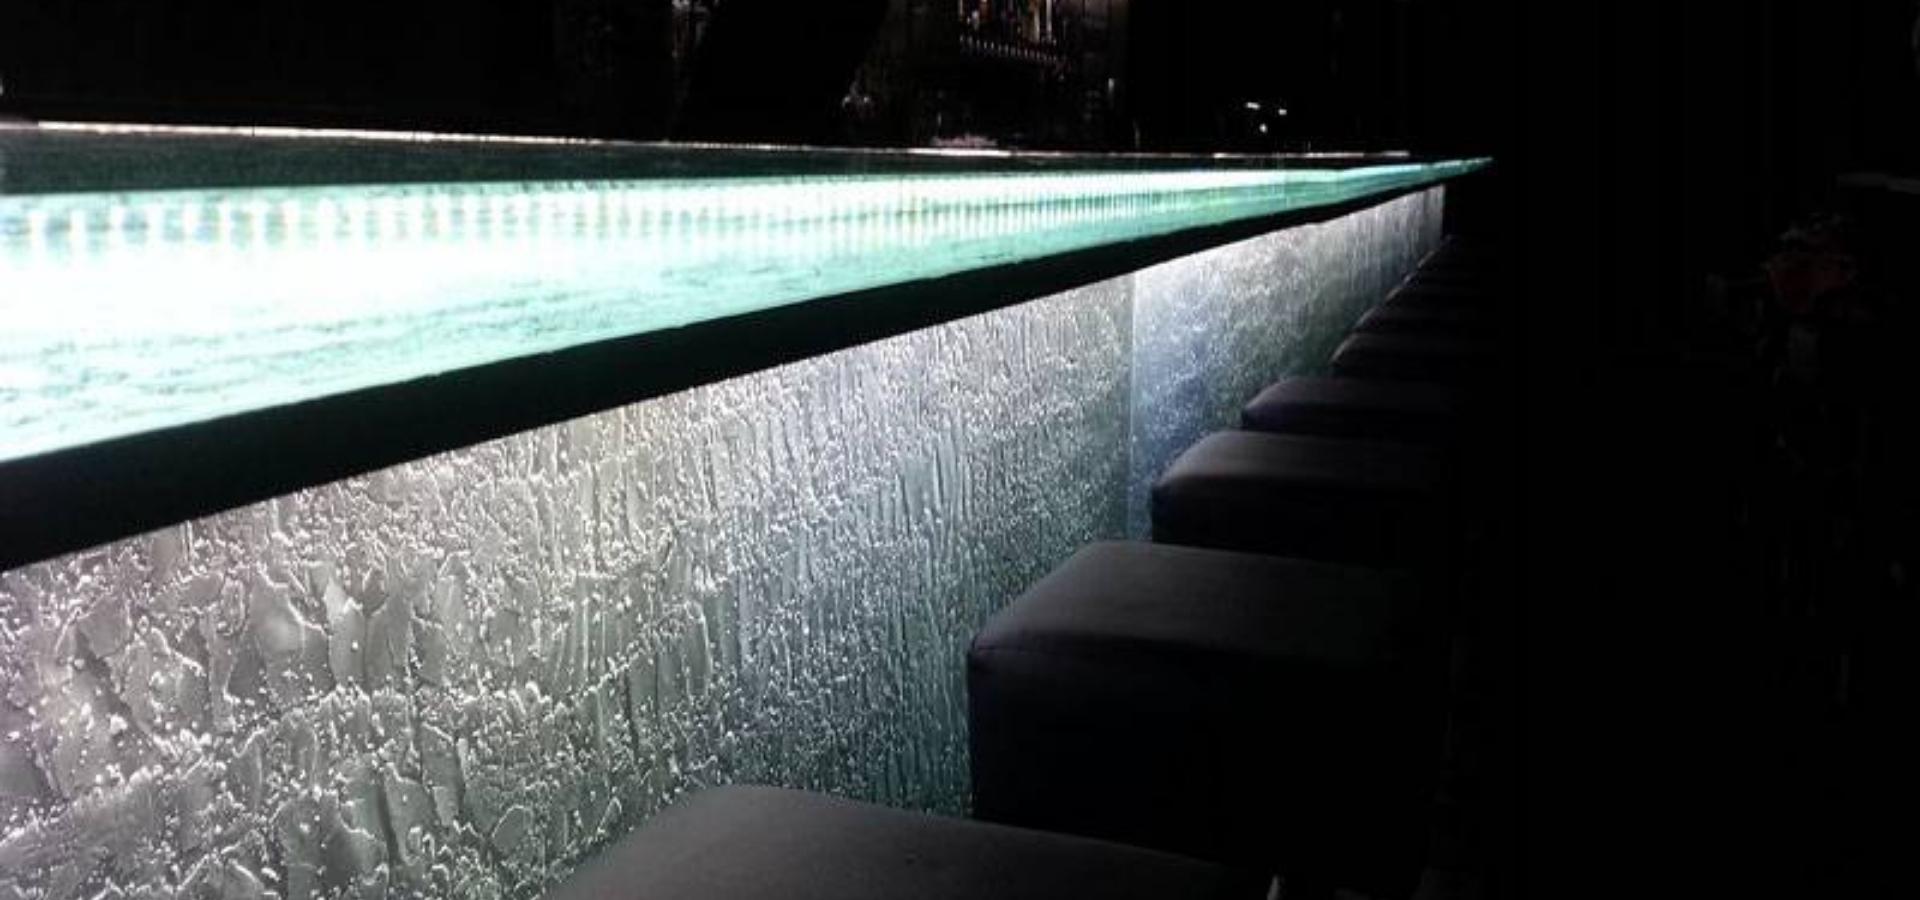 Natural textured bar glass